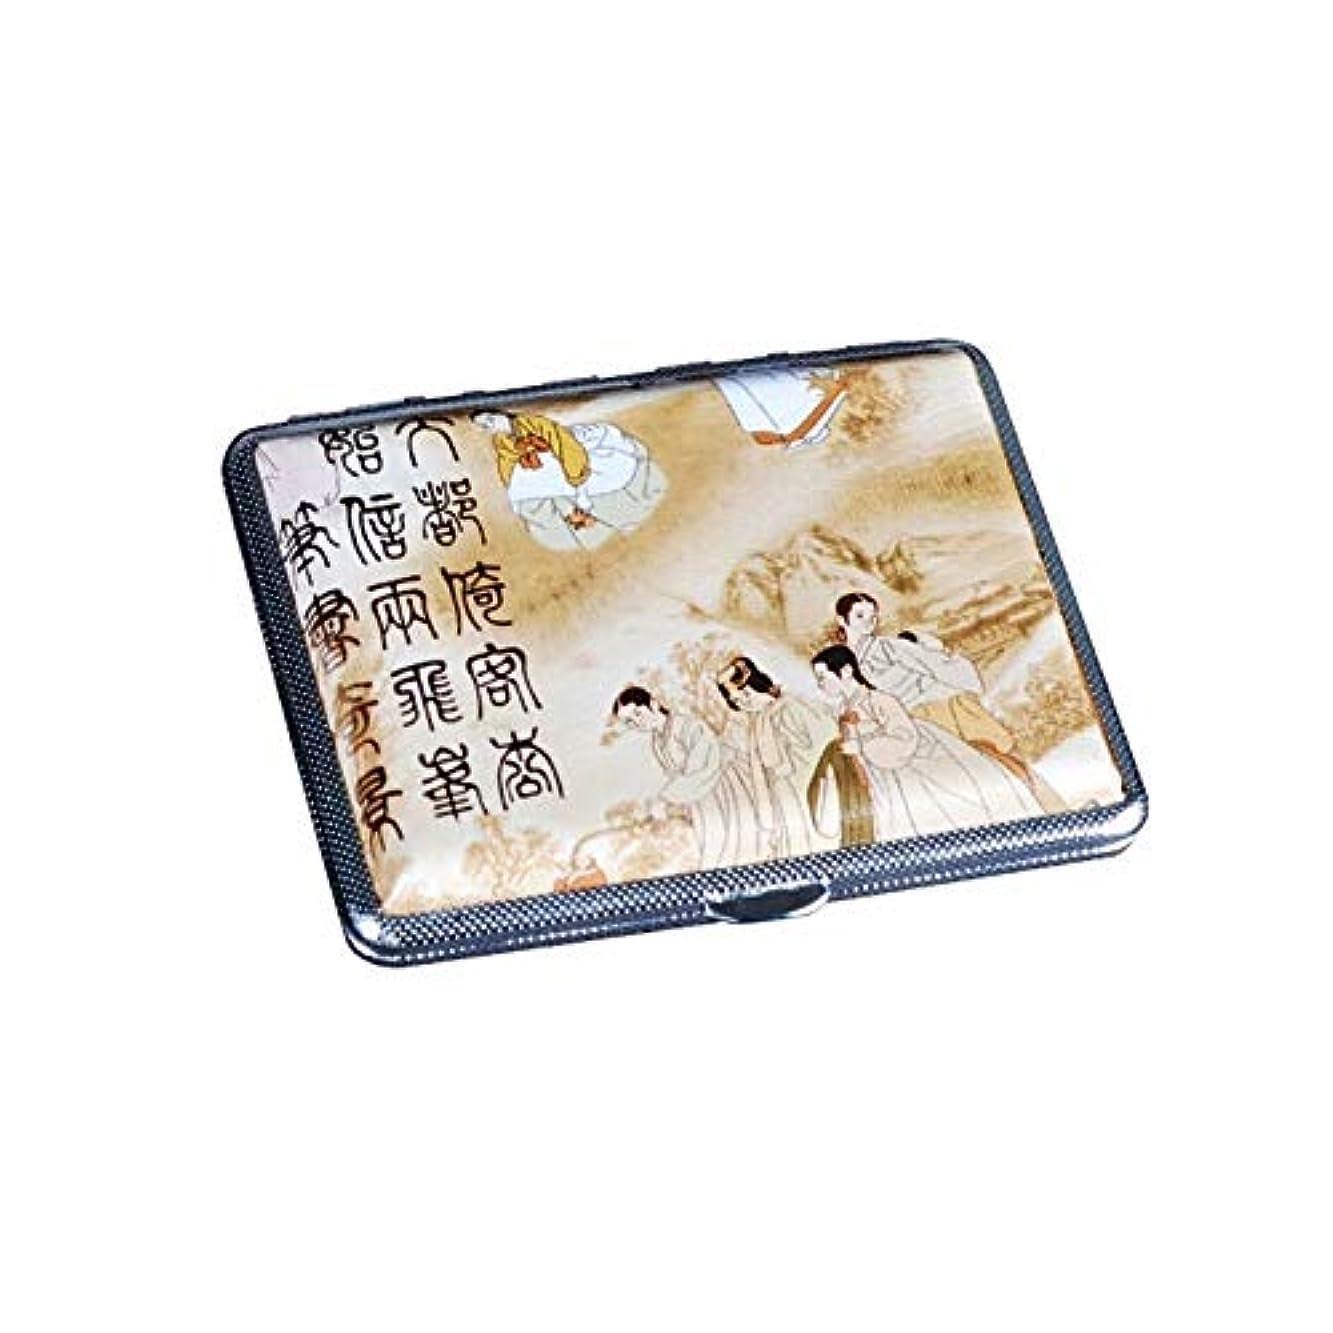 影切るメンバーXIAOCHAOSD タバコ箱、自動ビジネス統合、メンズクリエイティブレザーシガレットケース 14、16、18スティック、 (Size : 14 sticks)